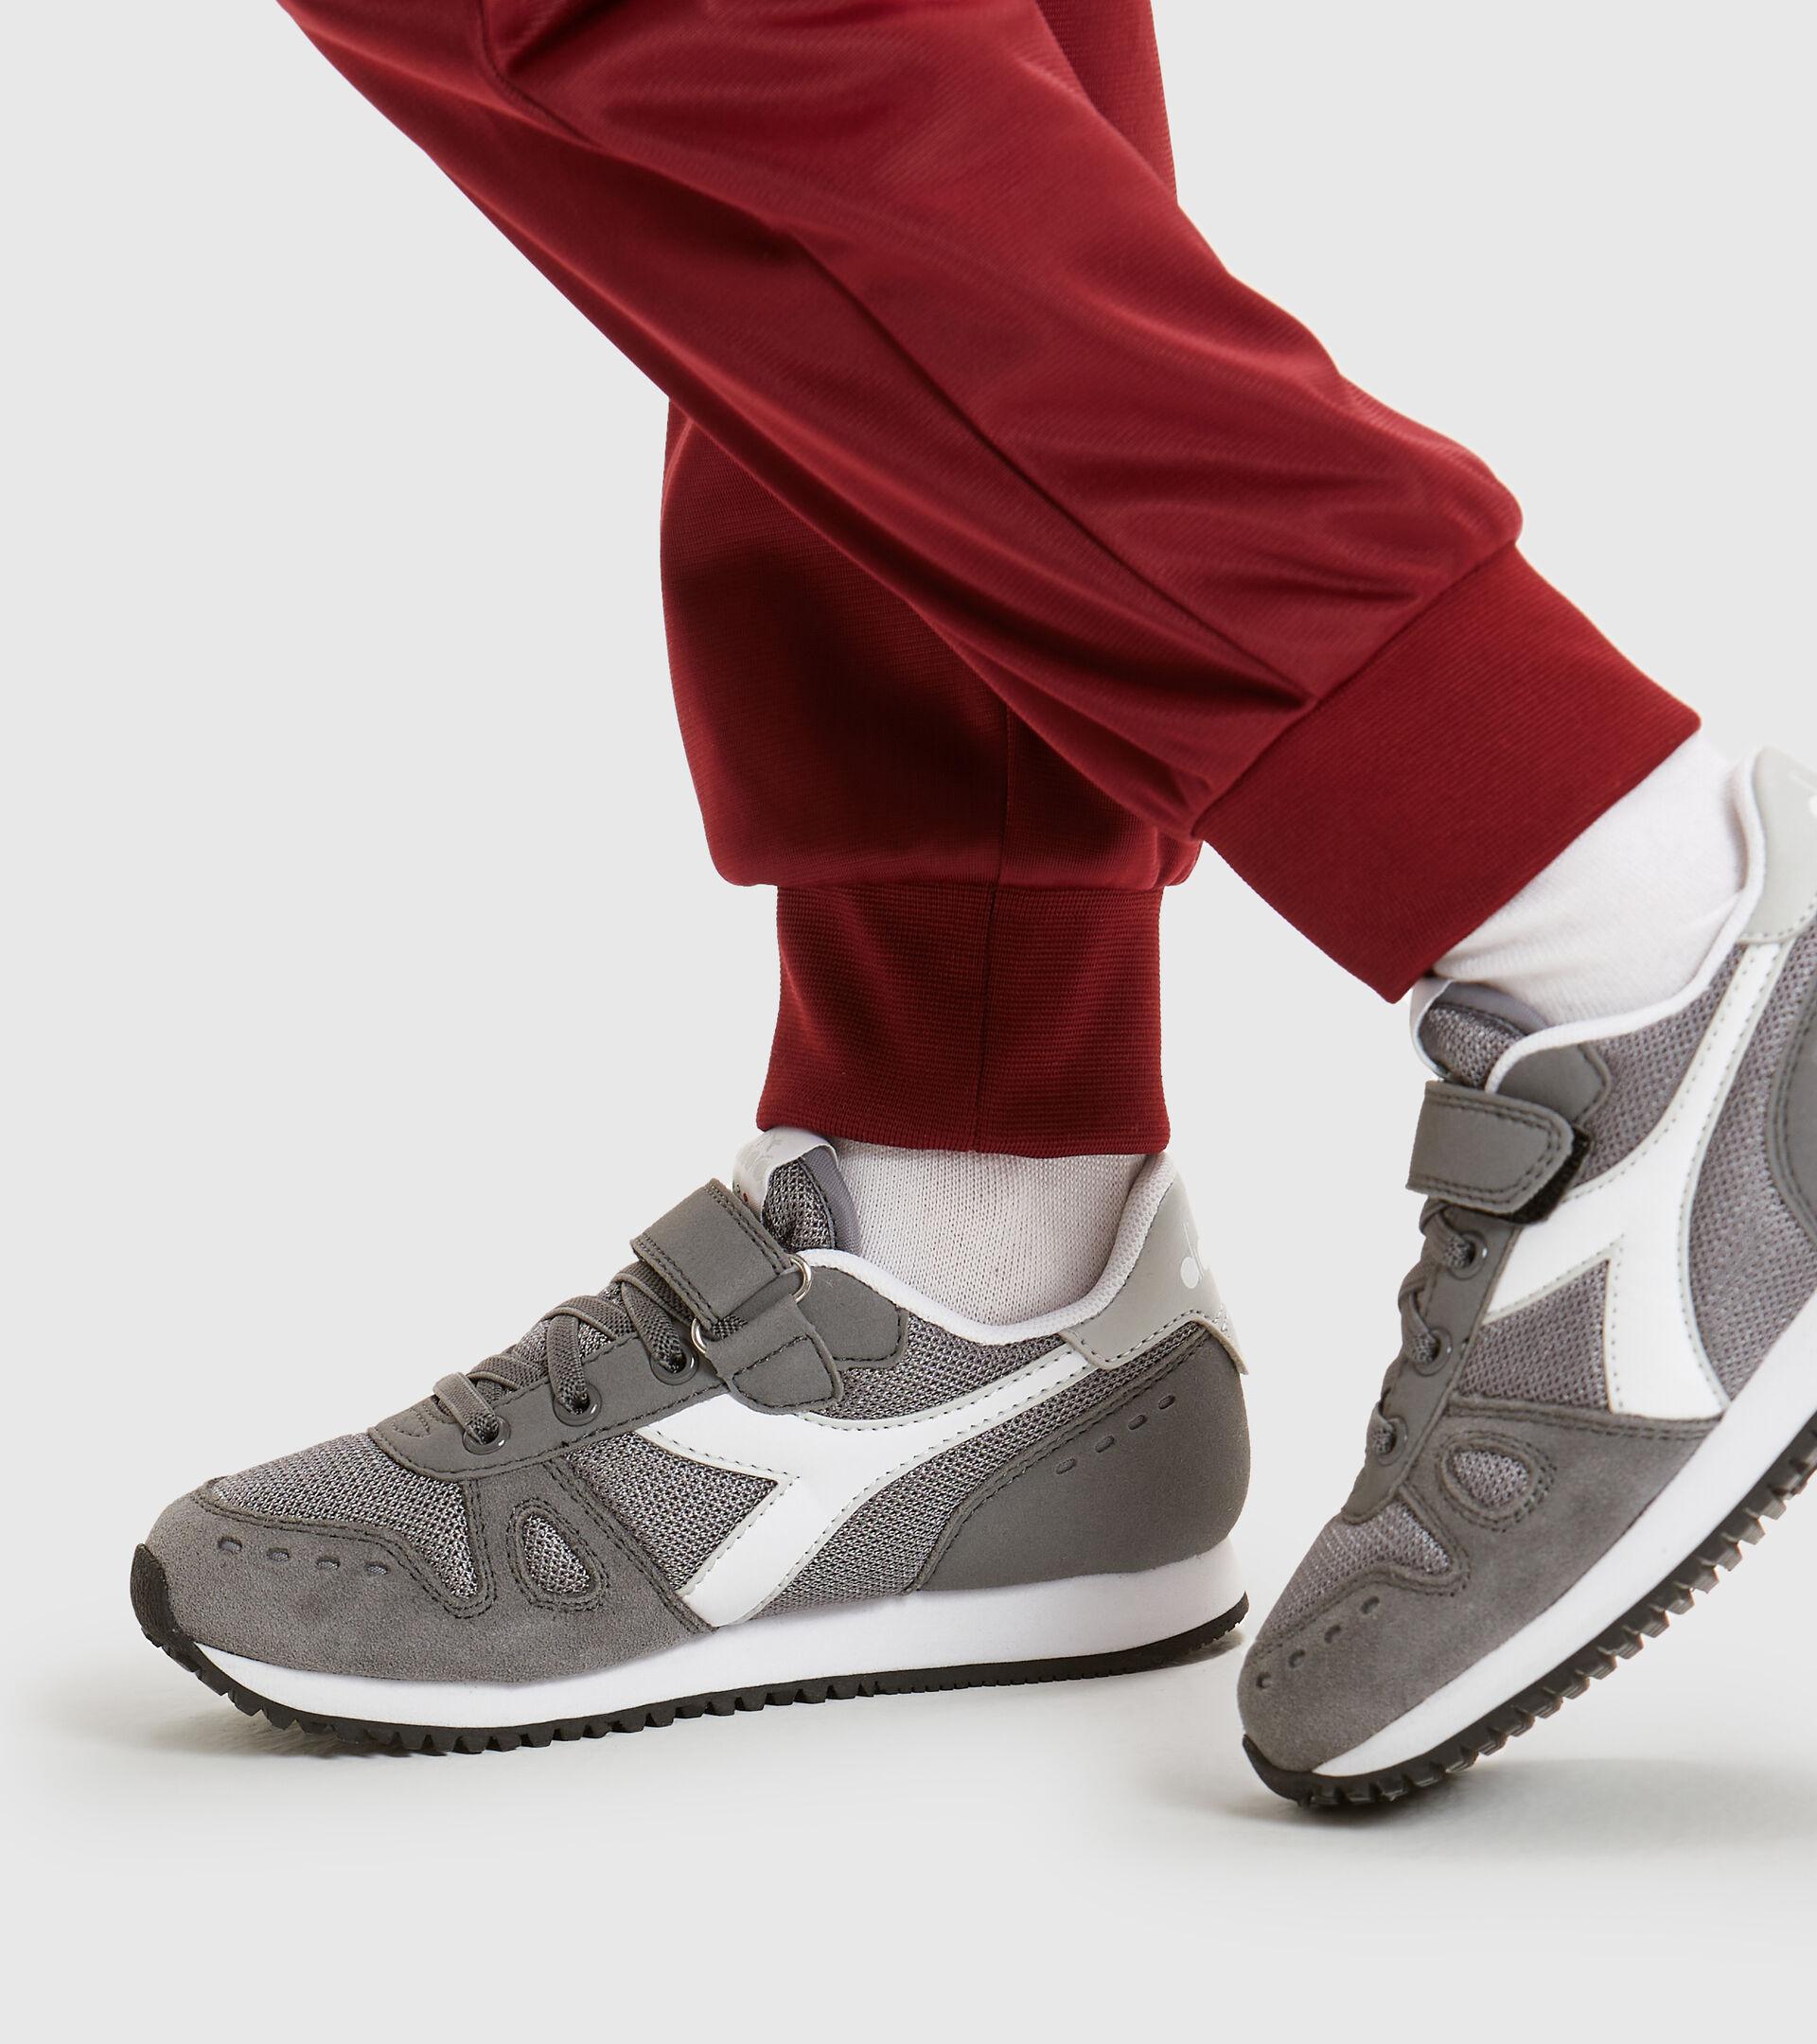 Footwear Sport BAMBINO SIMPLE RUN PS GRIS ACERO Diadora